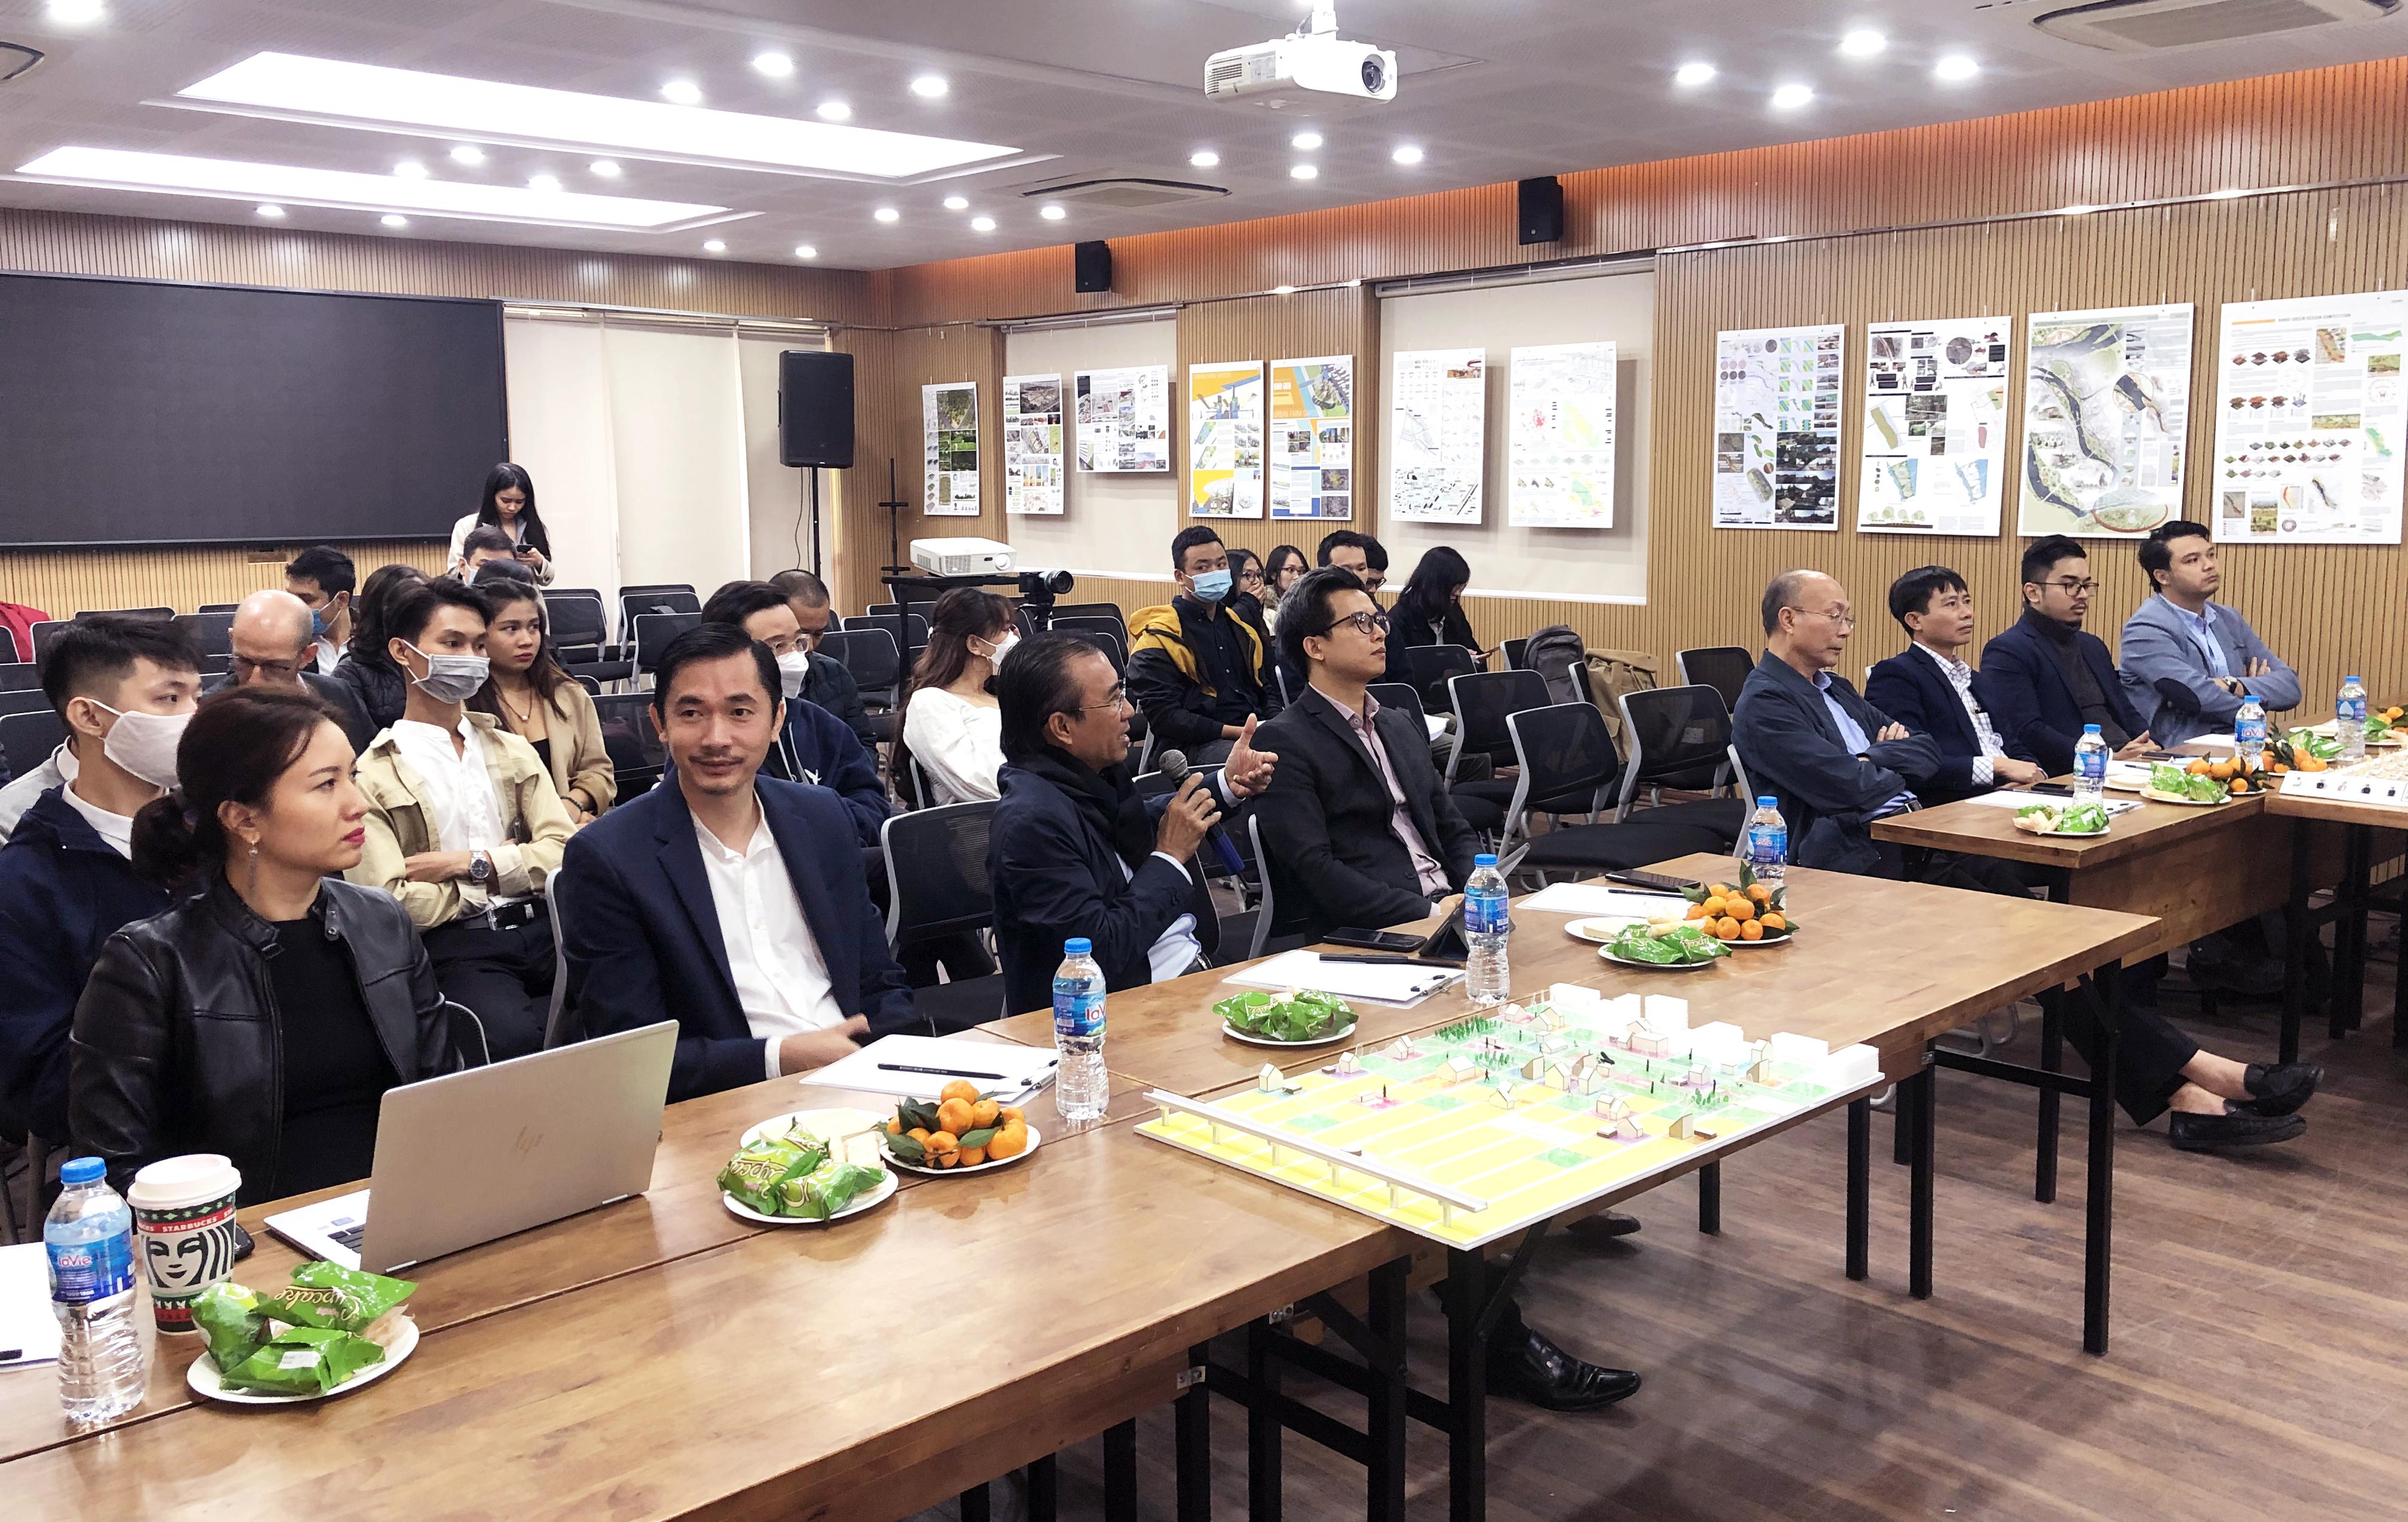 Hội đồng Ban giám khảo tại phần bảo vệ phương án dự thi của 4 nhóm vòng chung kết